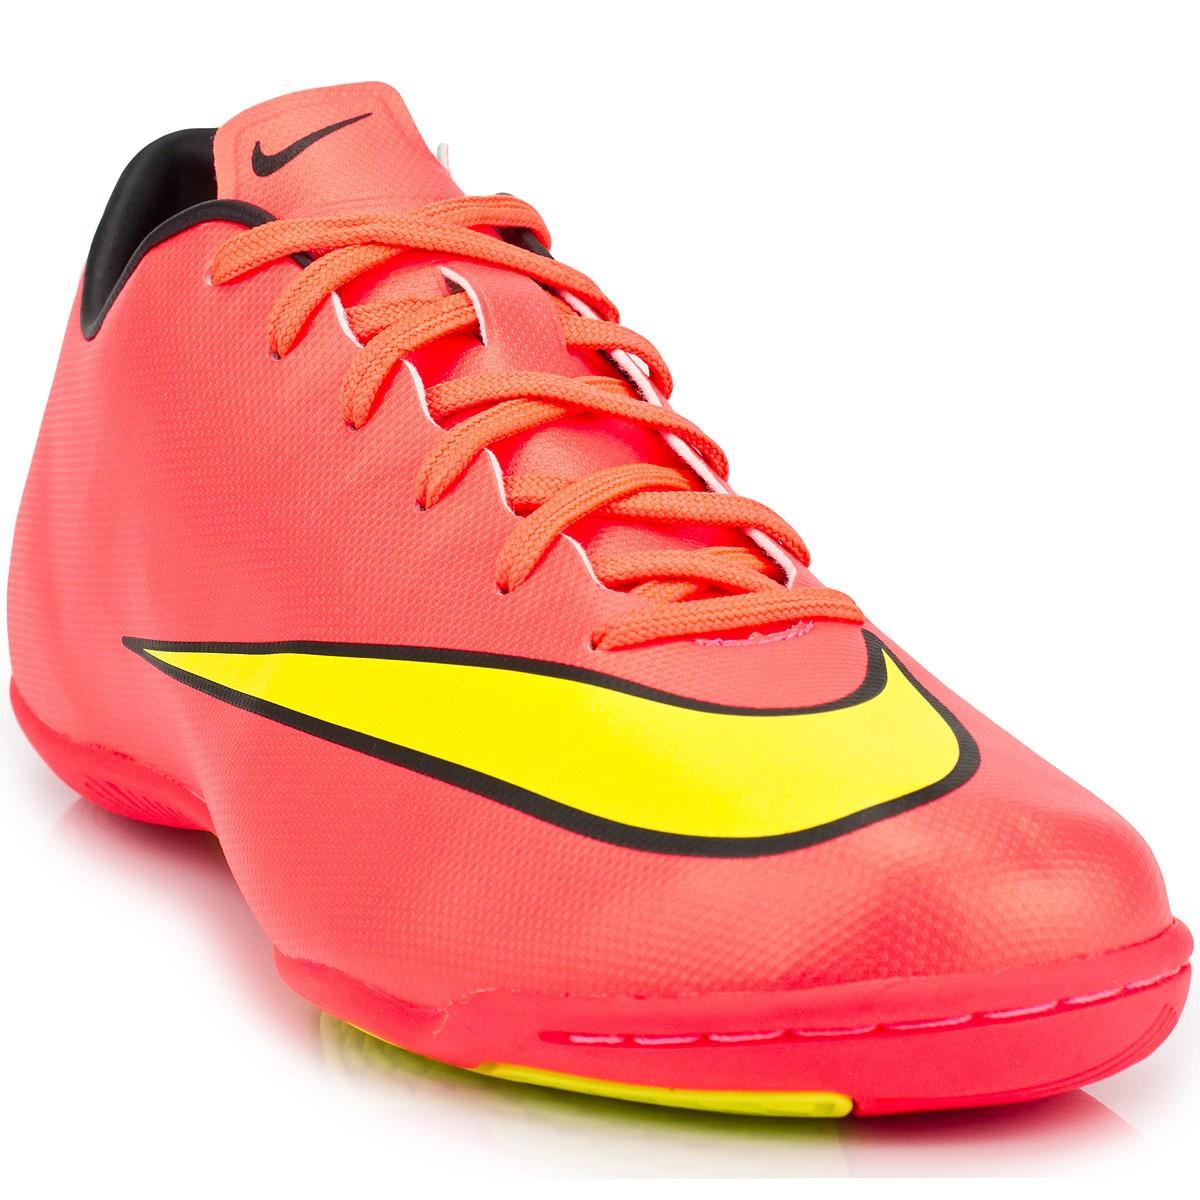 Chuteira Nike Mercurial Victory V IC  7d93184b8a2dd